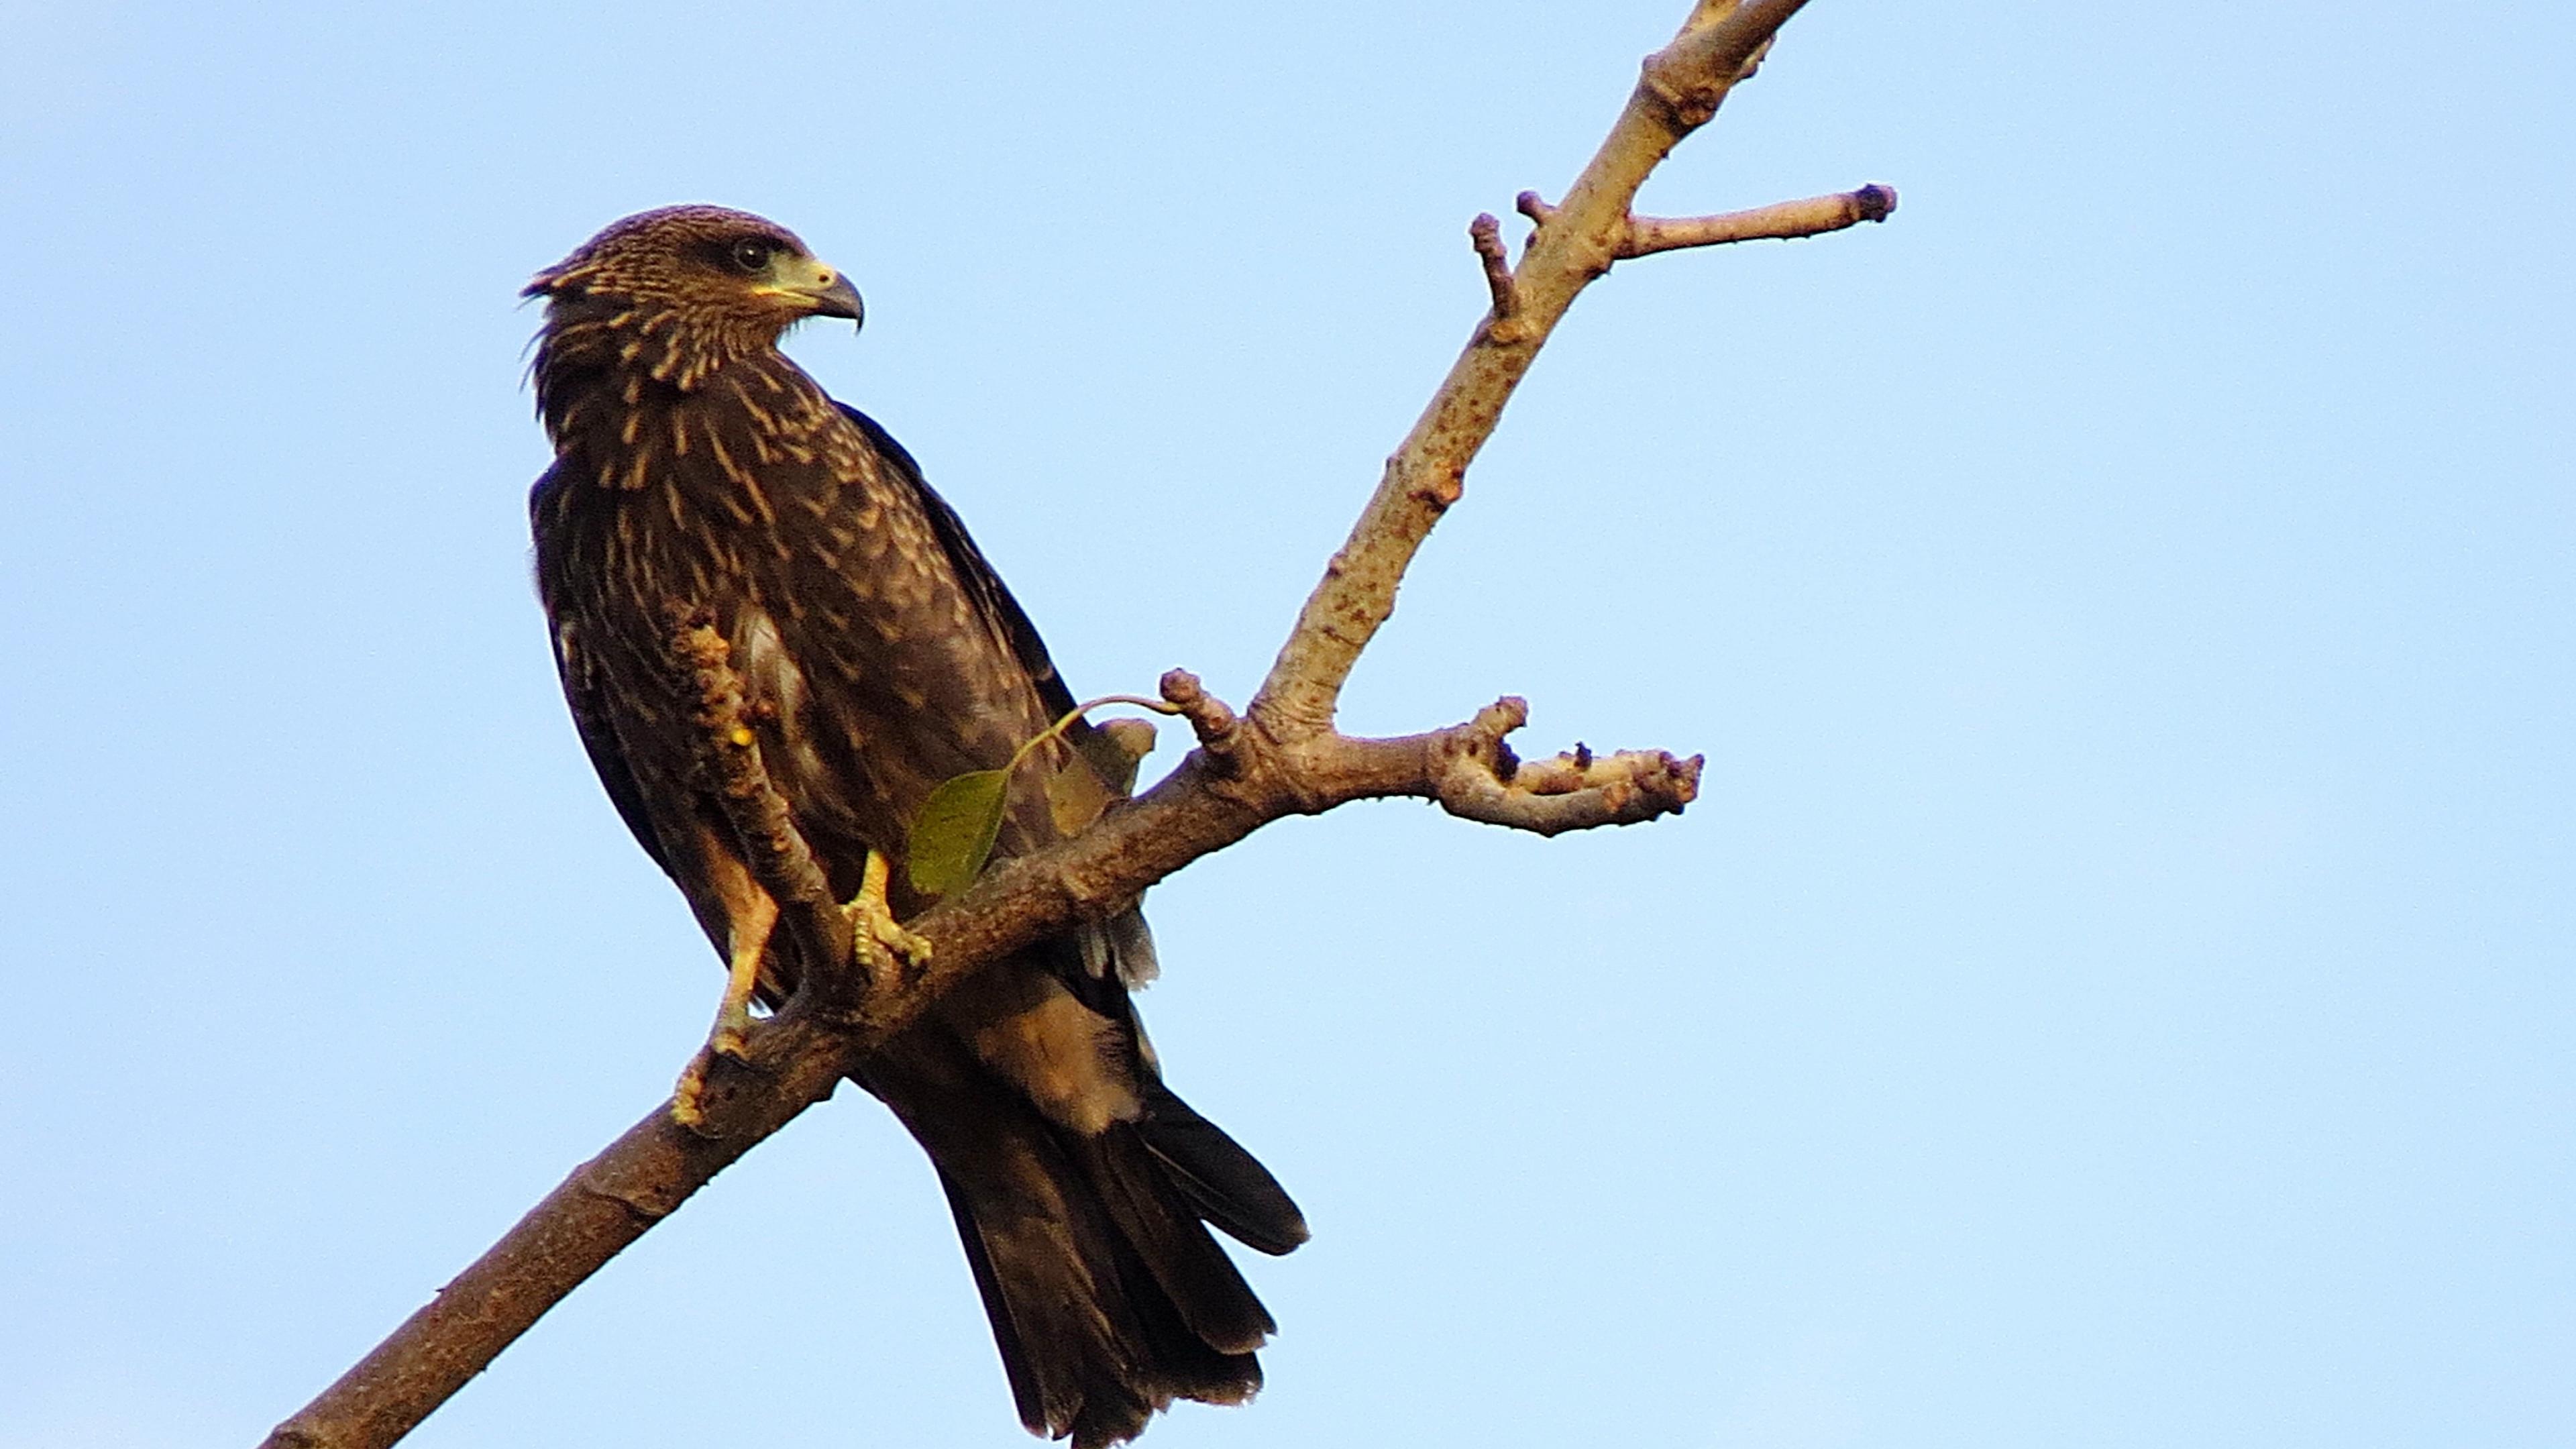 falcon eagle bird predator branch 4k 1542242728 - falcon, eagle, bird, predator, branch 4k - Falcon, Eagle, Bird